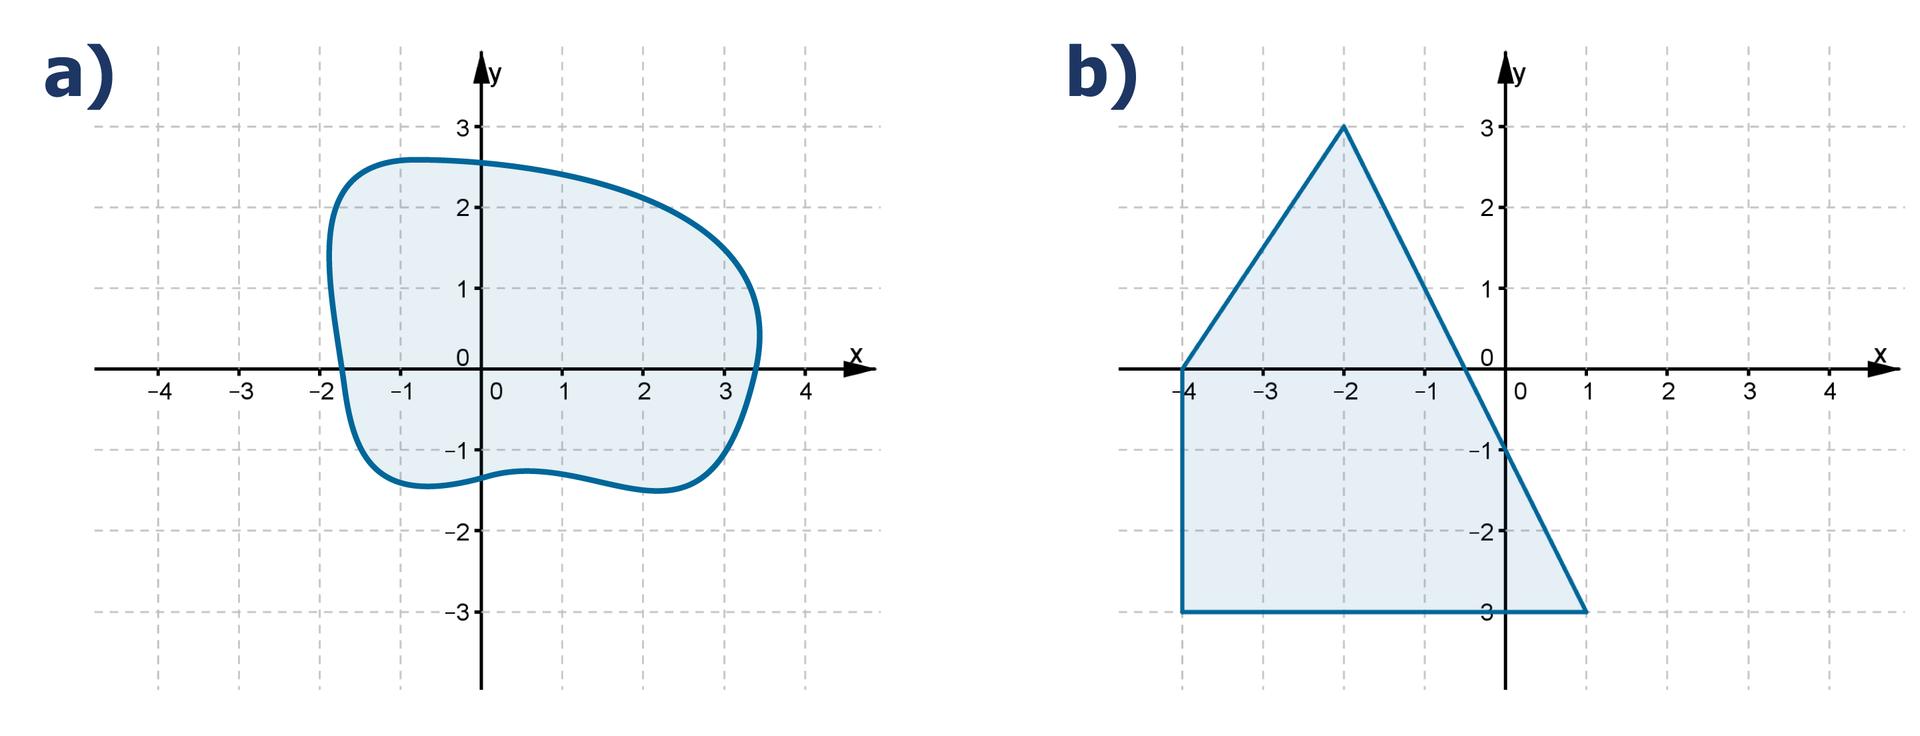 Rysunki dwóch układów współrzędnych zzaznaczonymi obszarami. Na pierwszym rysunku zaznaczona nieregularna figura. Na drugim rysunku czworokąt, którego wierzchołki mają współrzędne (-2, 3), (1, -3), (-4, -3) i(-4, 0).